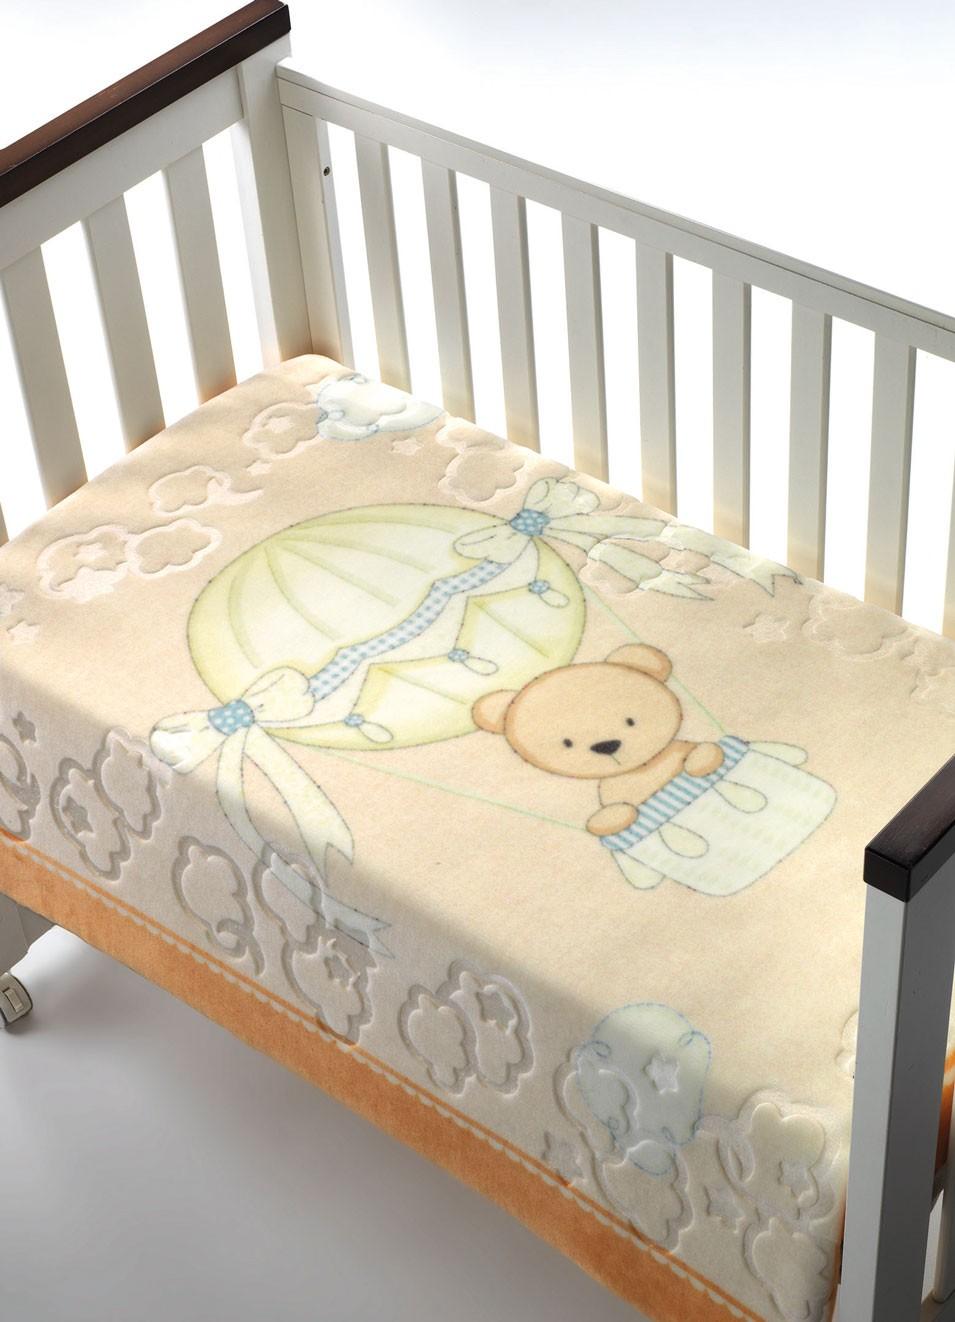 Κουβέρτα Βελουτέ Κούνιας Morven Luxury Plus 042 Πορτοκαλί home   βρεφικά   κουβέρτες βρεφικές   κουβέρτες βελουτέ